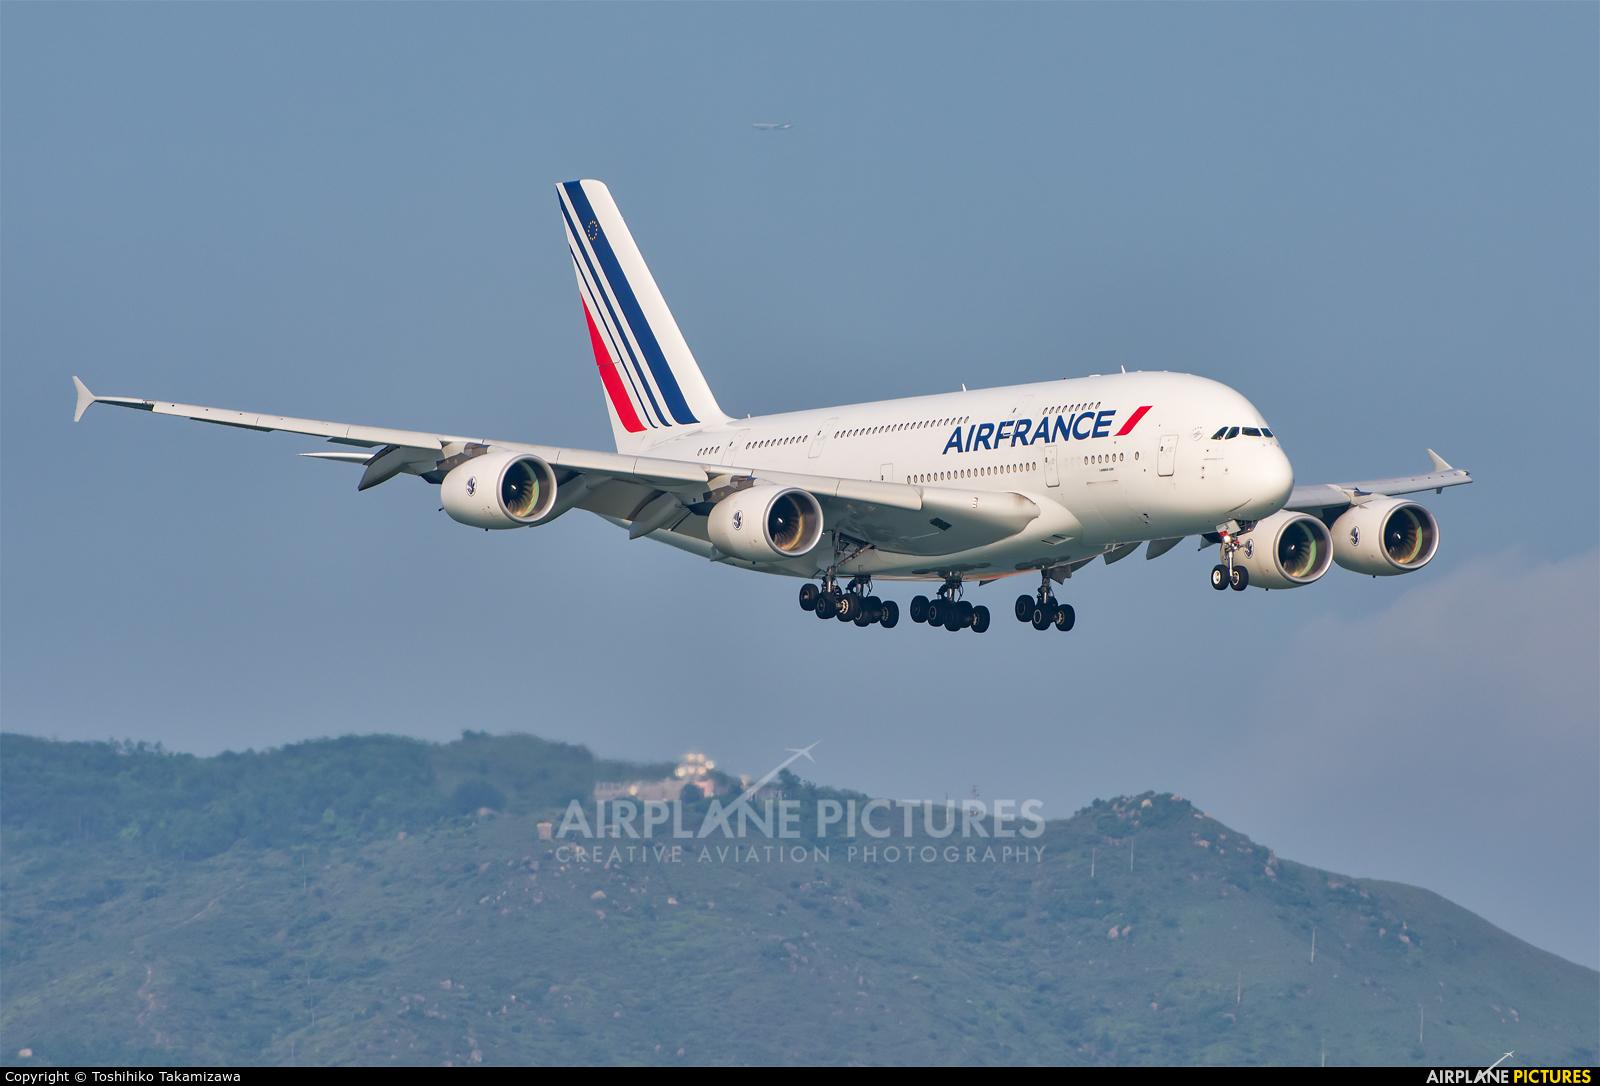 Air France F-HPJI aircraft at HKG - Chek Lap Kok Intl